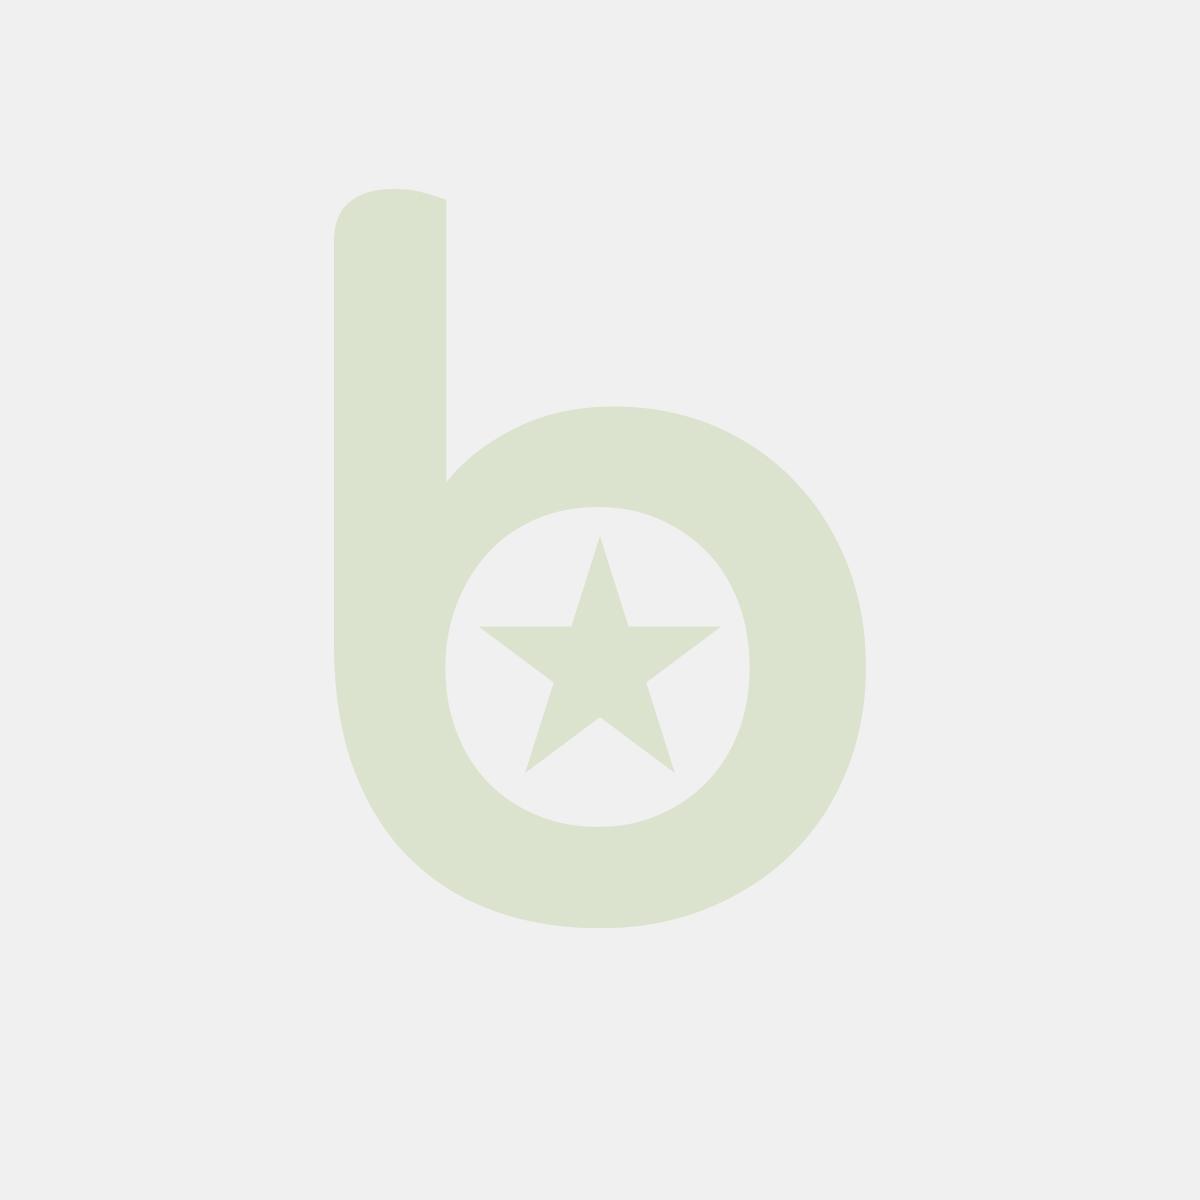 Taca drewnopodobna prostokątna 32x17cm brązowa GN1/3, melamina